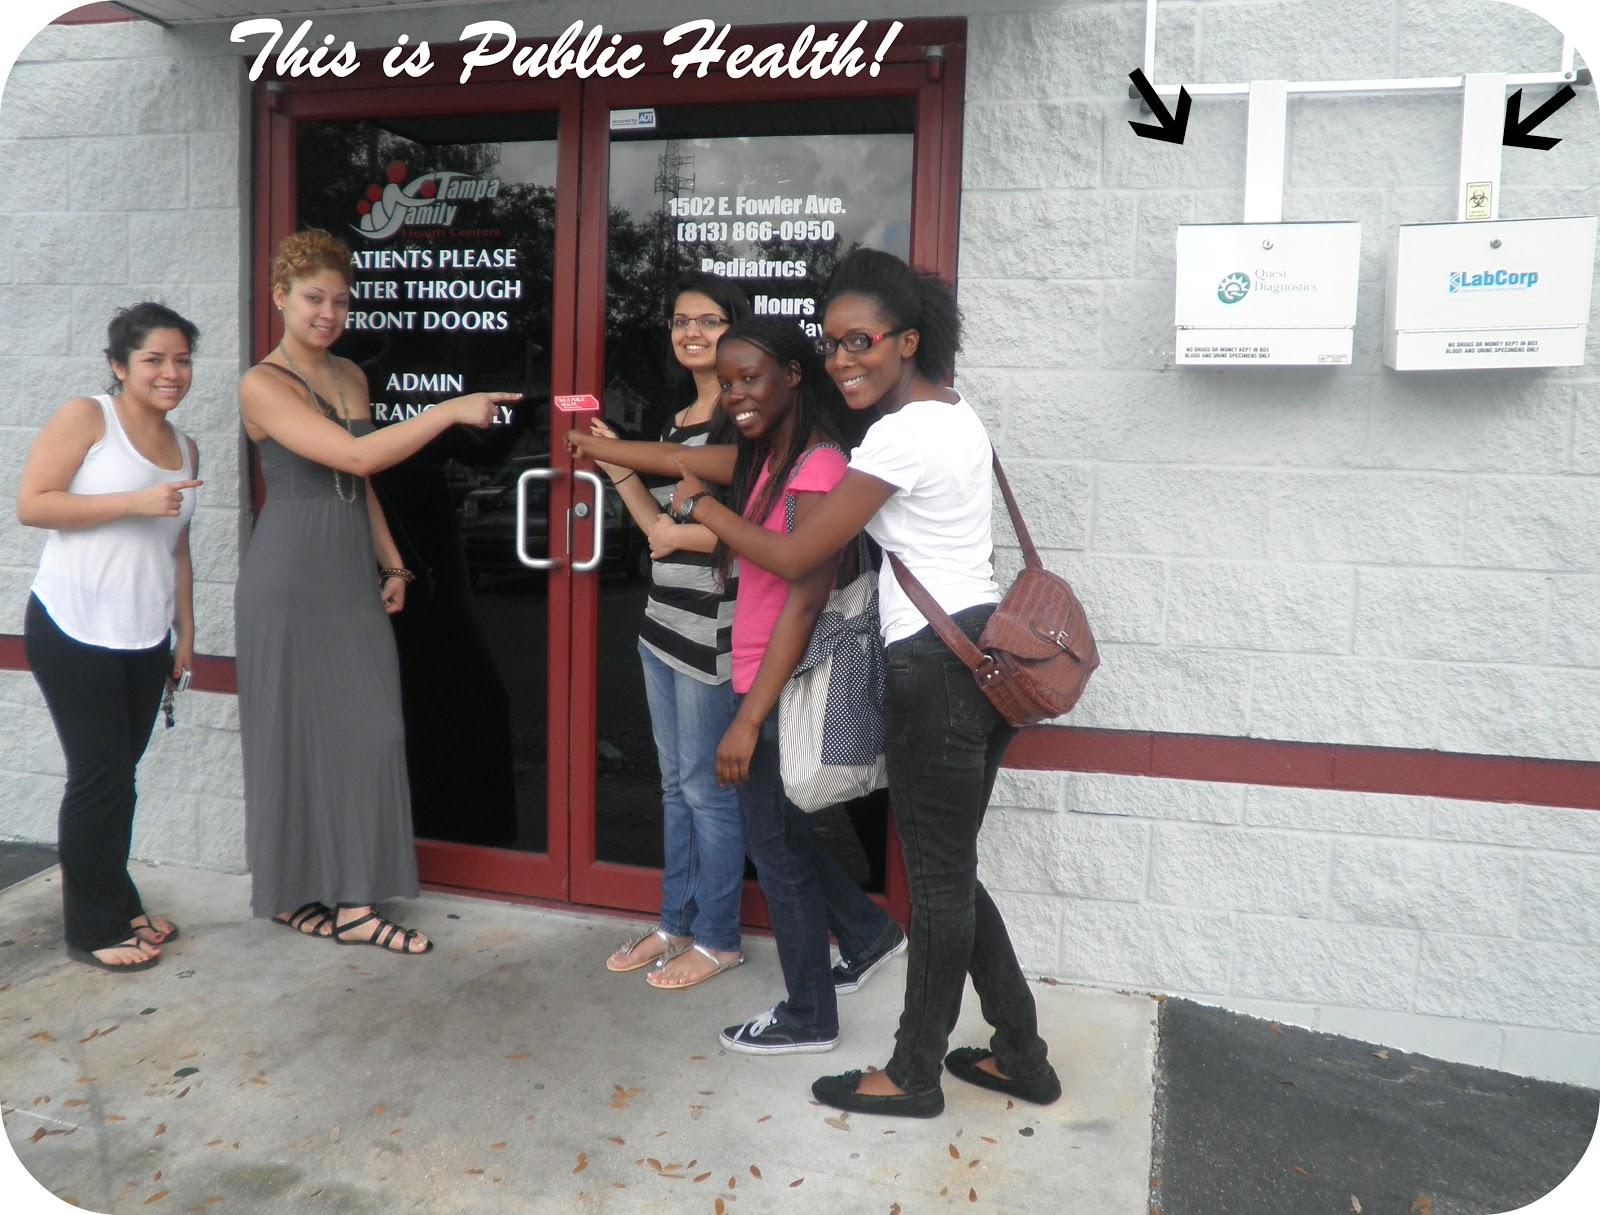 Mountain Park Health Center Tempe